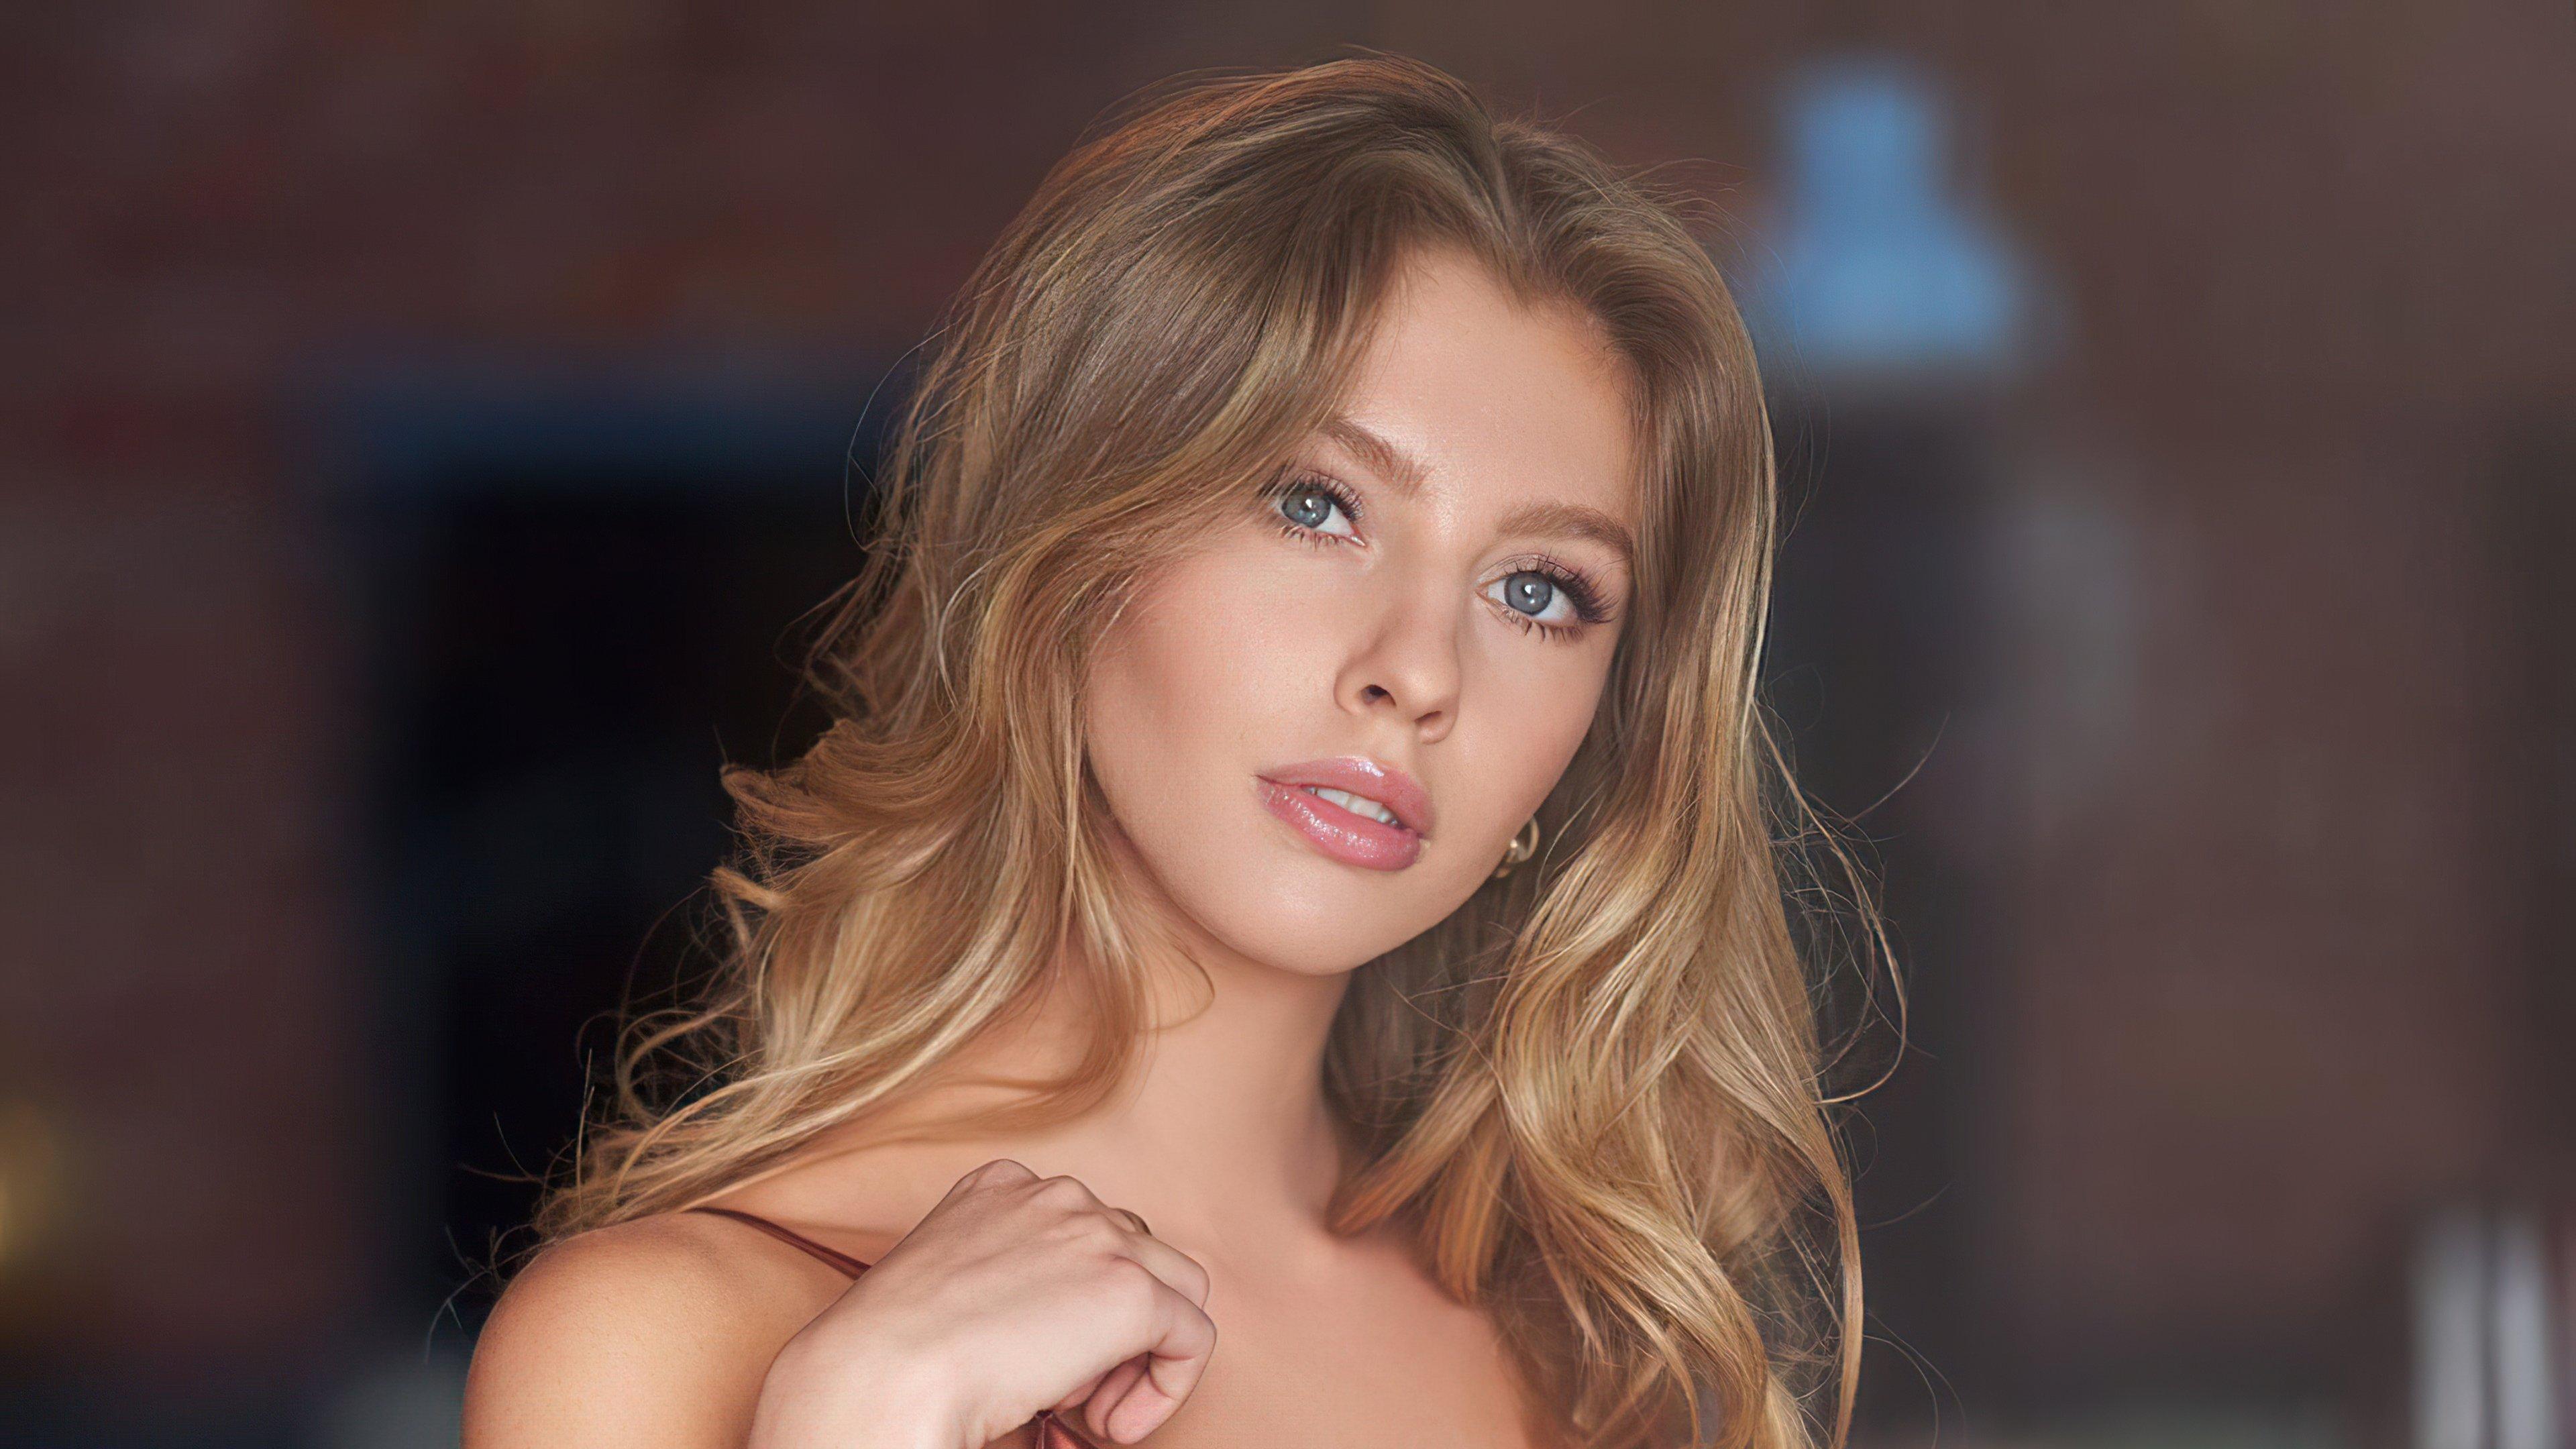 Fondos de pantalla Modelo Alexa Breit